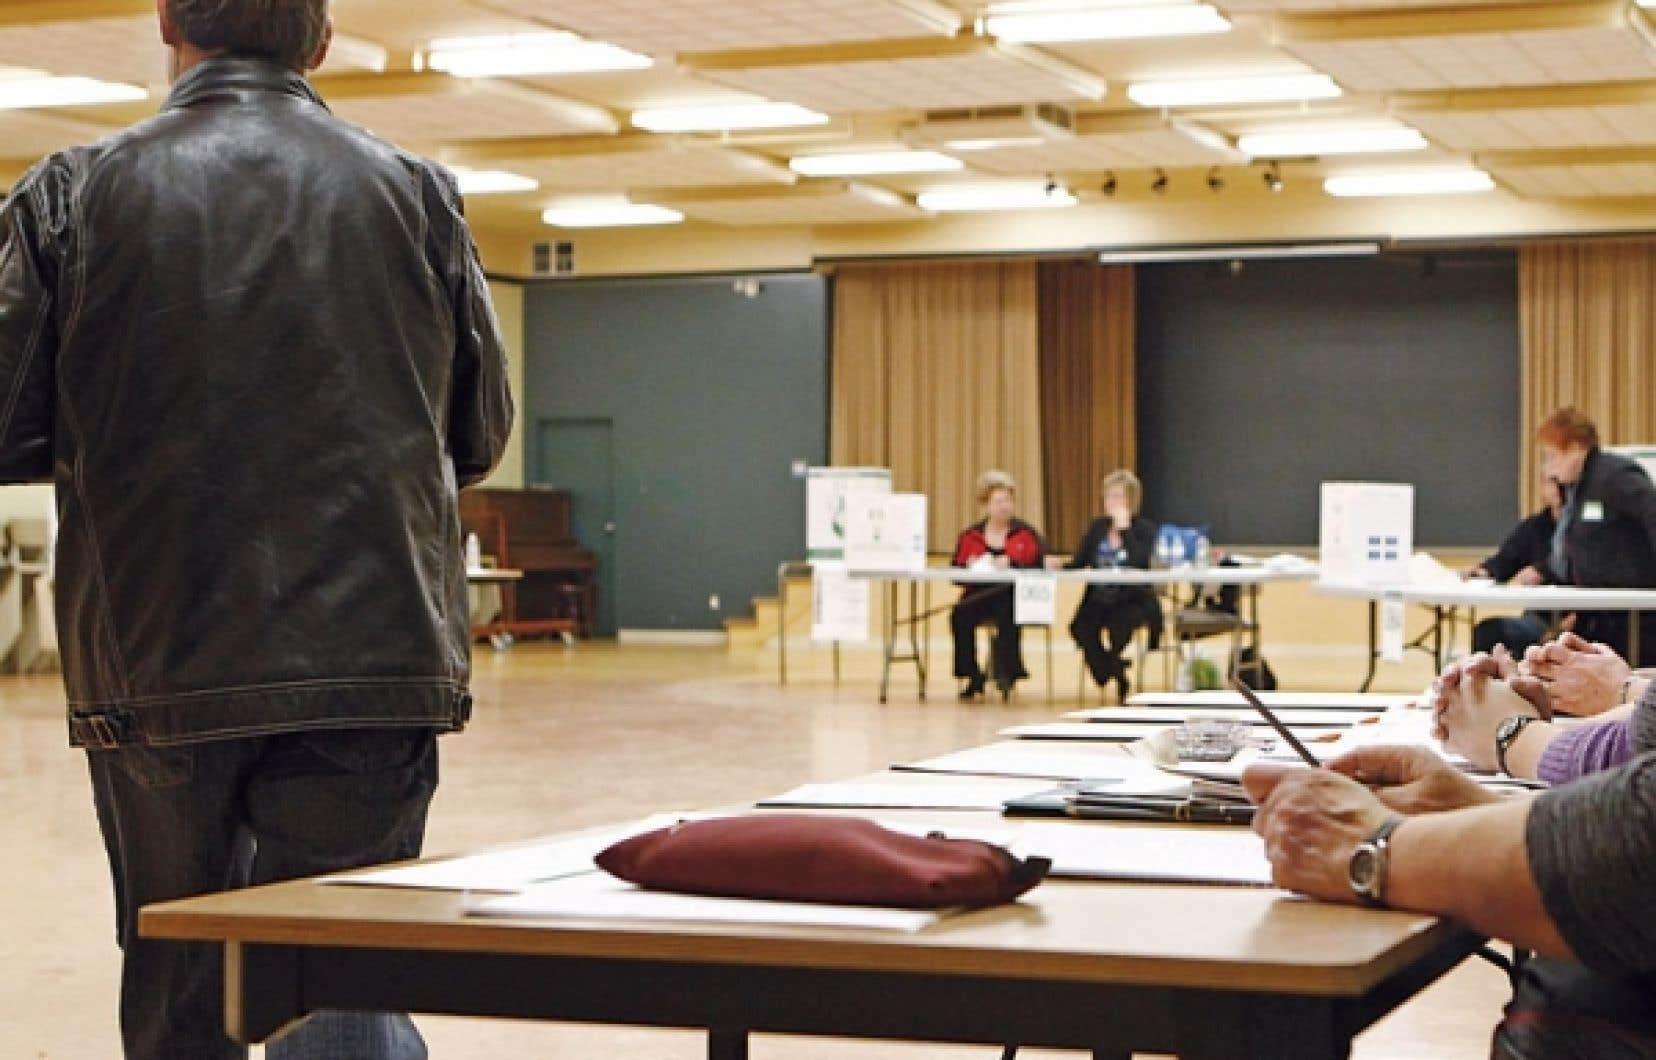 Cet appel à l'ordre et aux urnes est d'autant plus étonnant que depuis des mois, la FECQ et la FEUQ expliquent qu'elles entendent se mobiliser dans la prochaine campagne électorale.